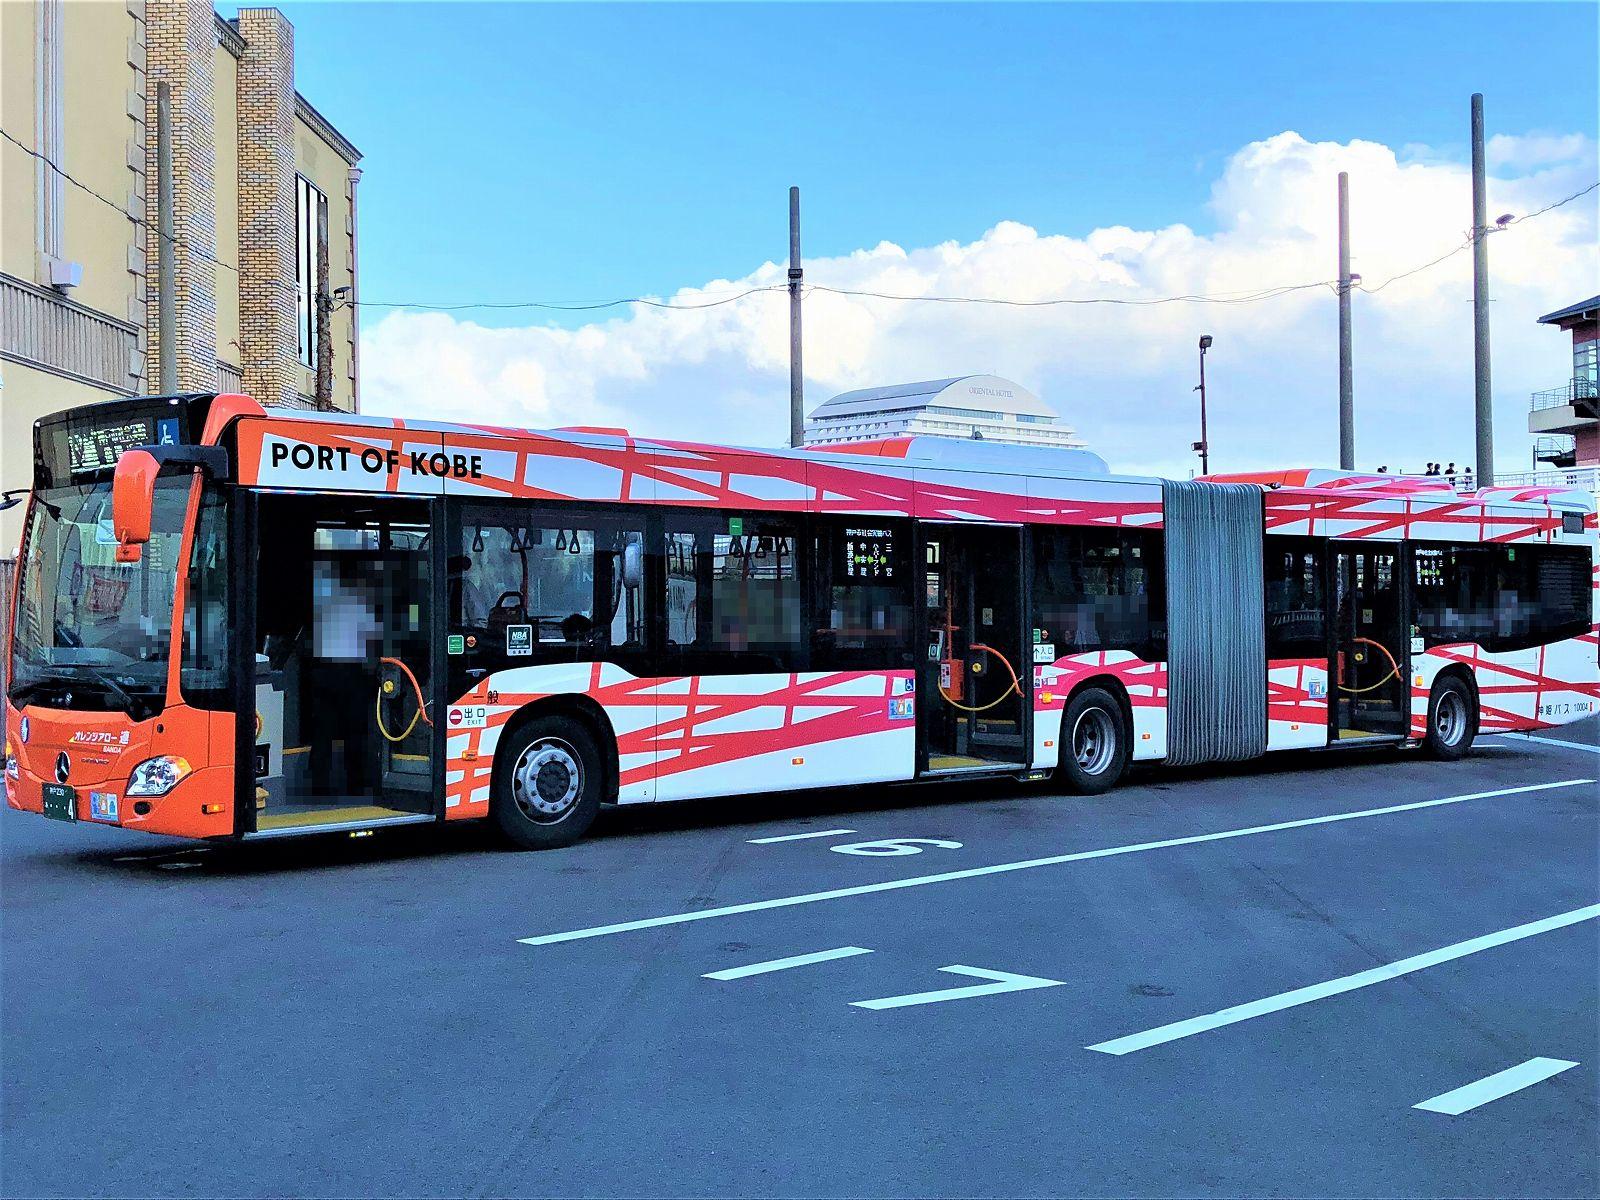 連節バス運行の社会実験が10月の週末に開催!神戸のウォーターフロントをバスで満喫しよう!#神戸観光 #連節バス #スカイバス神戸 #BRT #バス実験